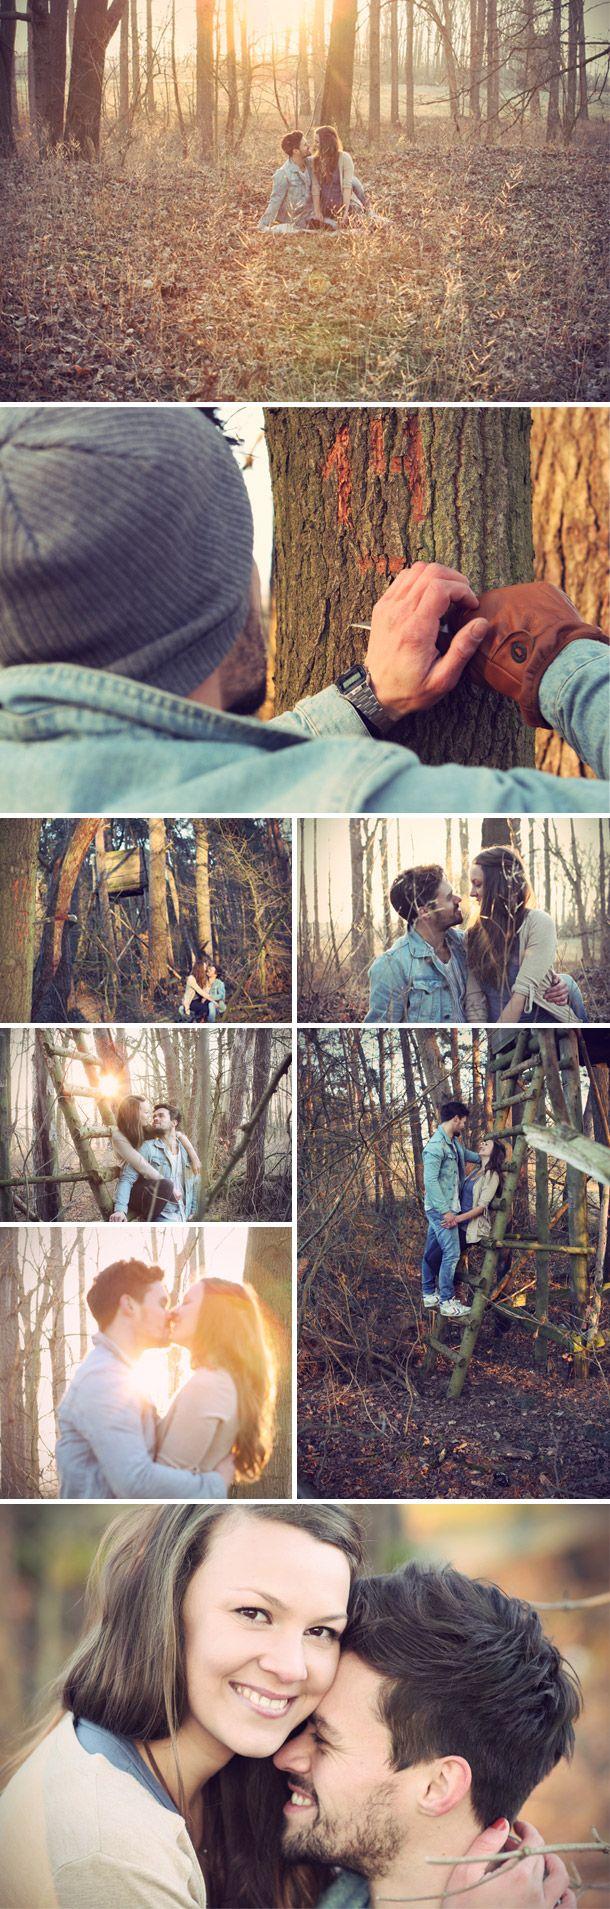 Romantisches Verlobungsshooting von Cornelia Krein Photography